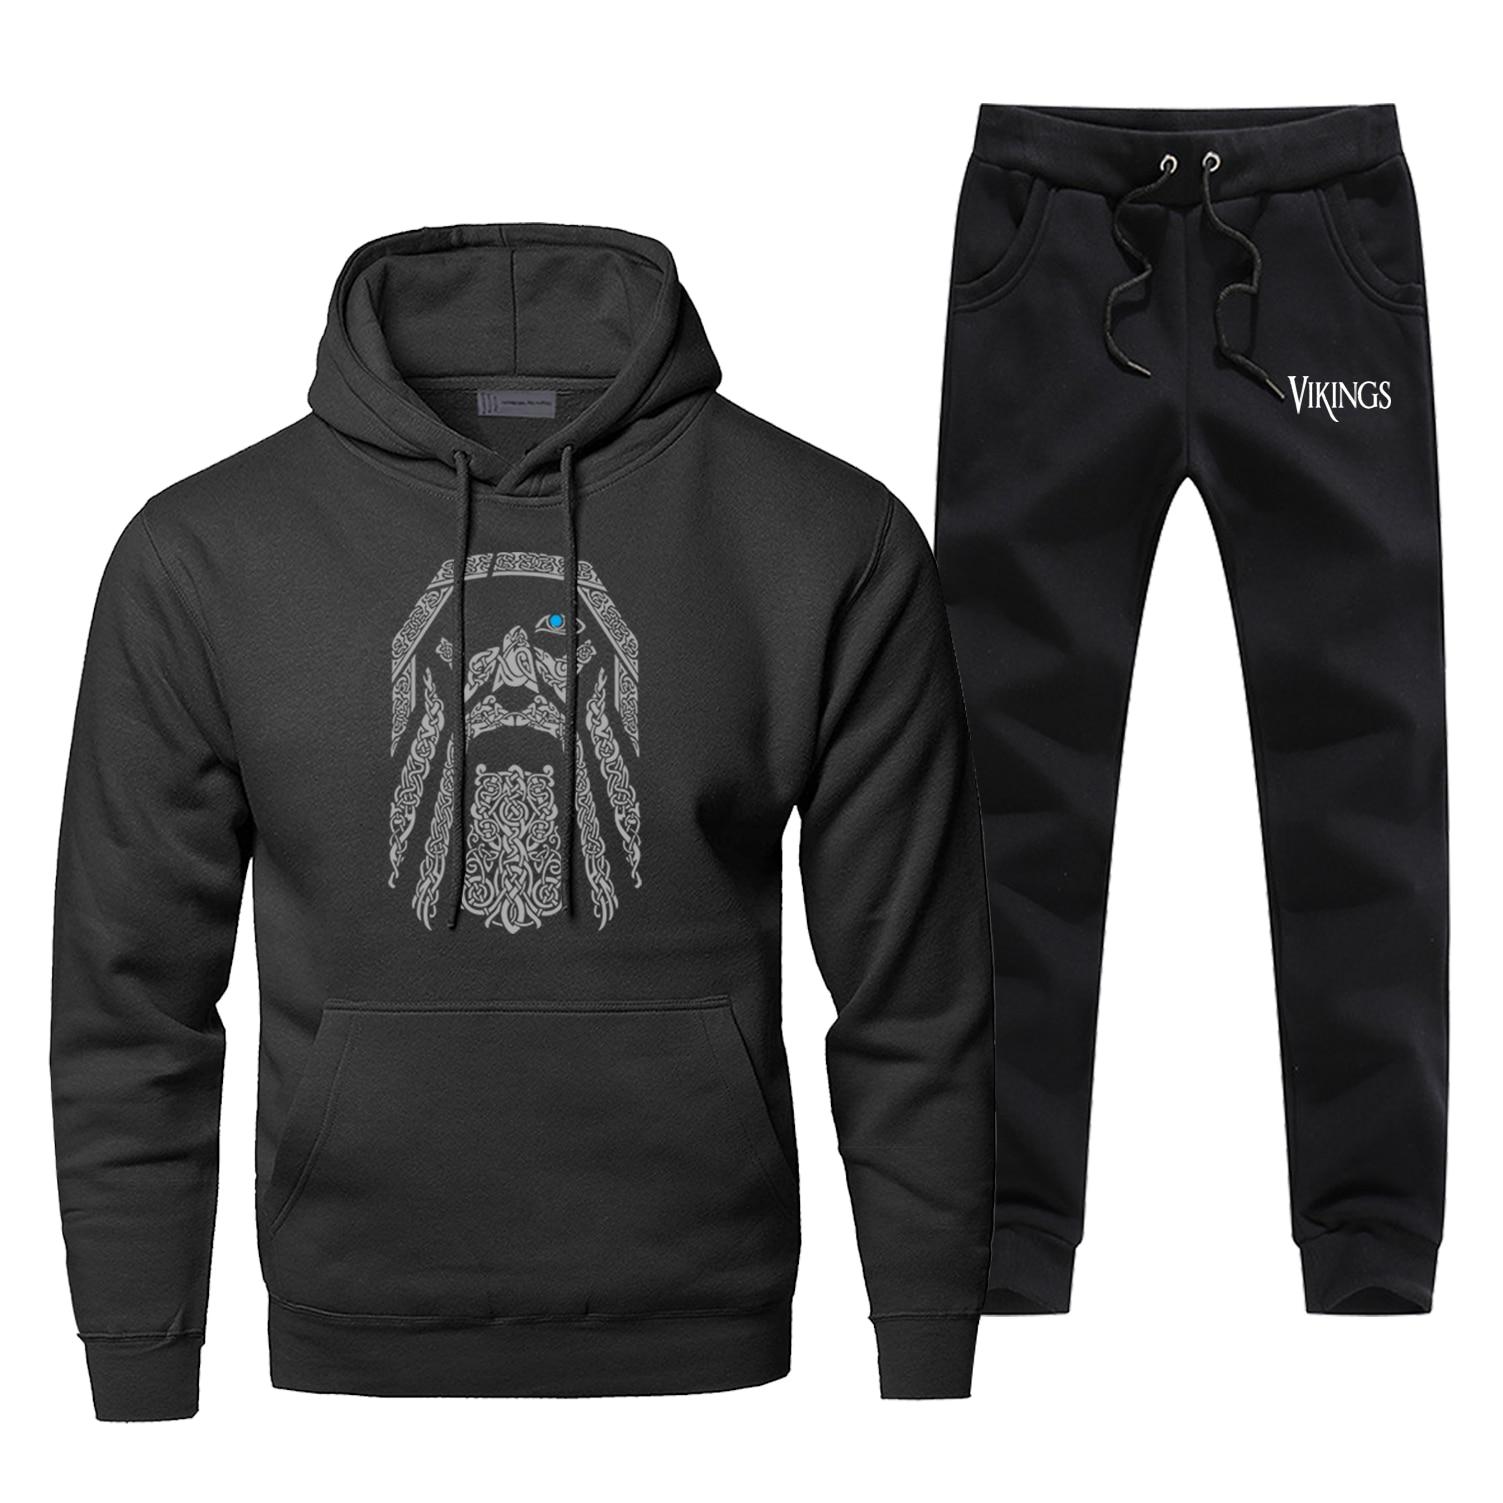 Odin Vikings Hoodies Pants Men Sets Track Suit  Valhalla Athelstan Tops Pant Sweatshirt Sweatpants Autumn Sports 2 PCS Tracksuit